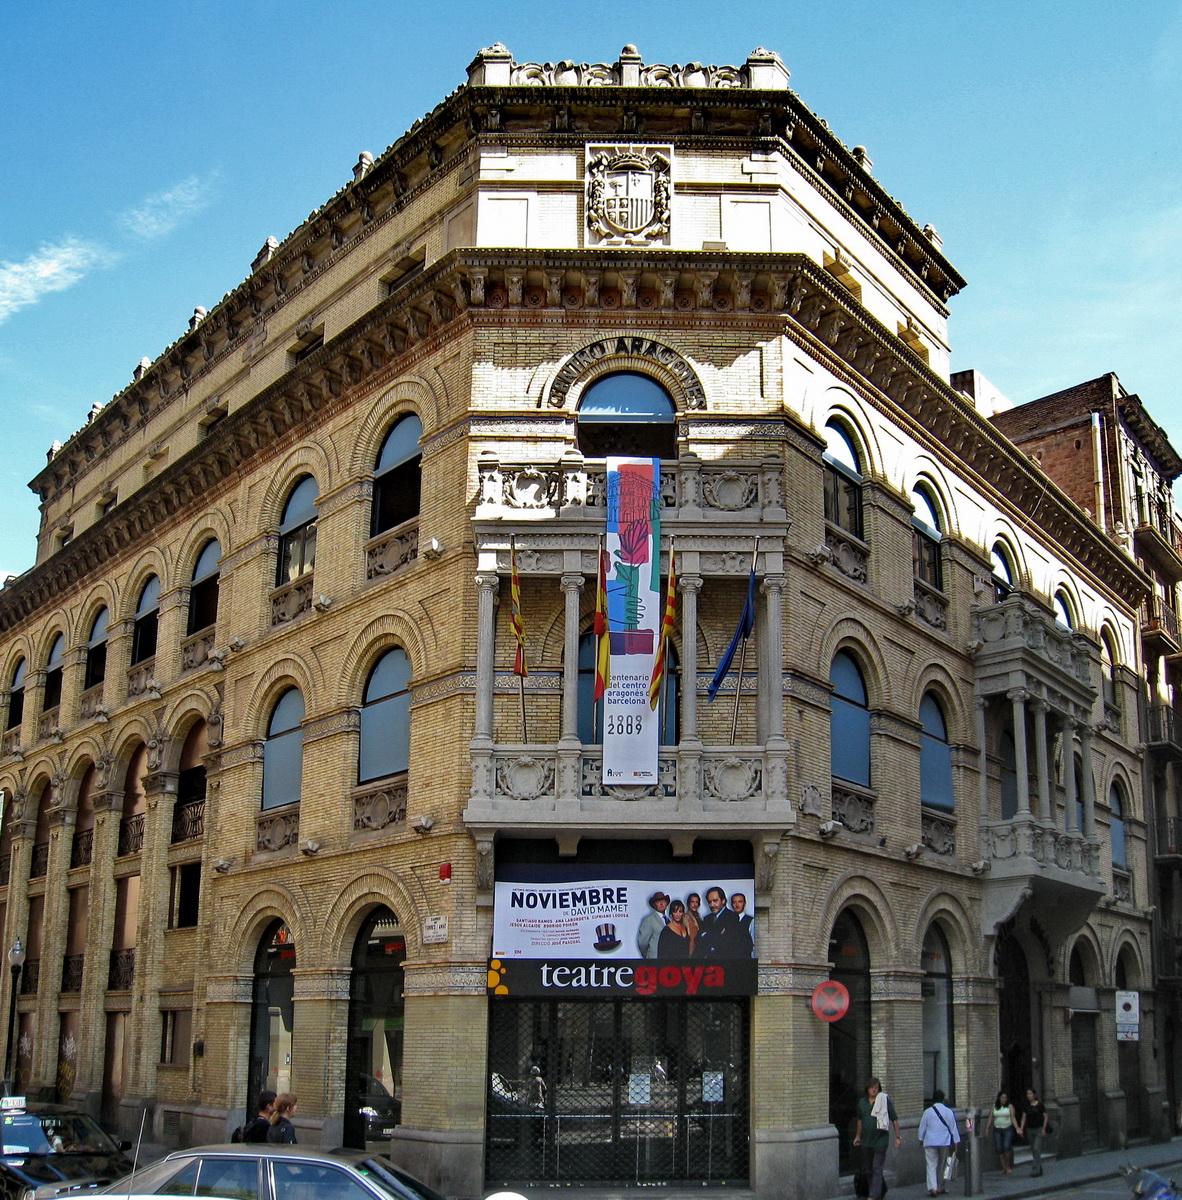 Teatro Goya de Barcelona, en el que debutó Gardel el 5 de noviembre de 1925, una ciudad que estableció un intenso vínculo con el cantor.